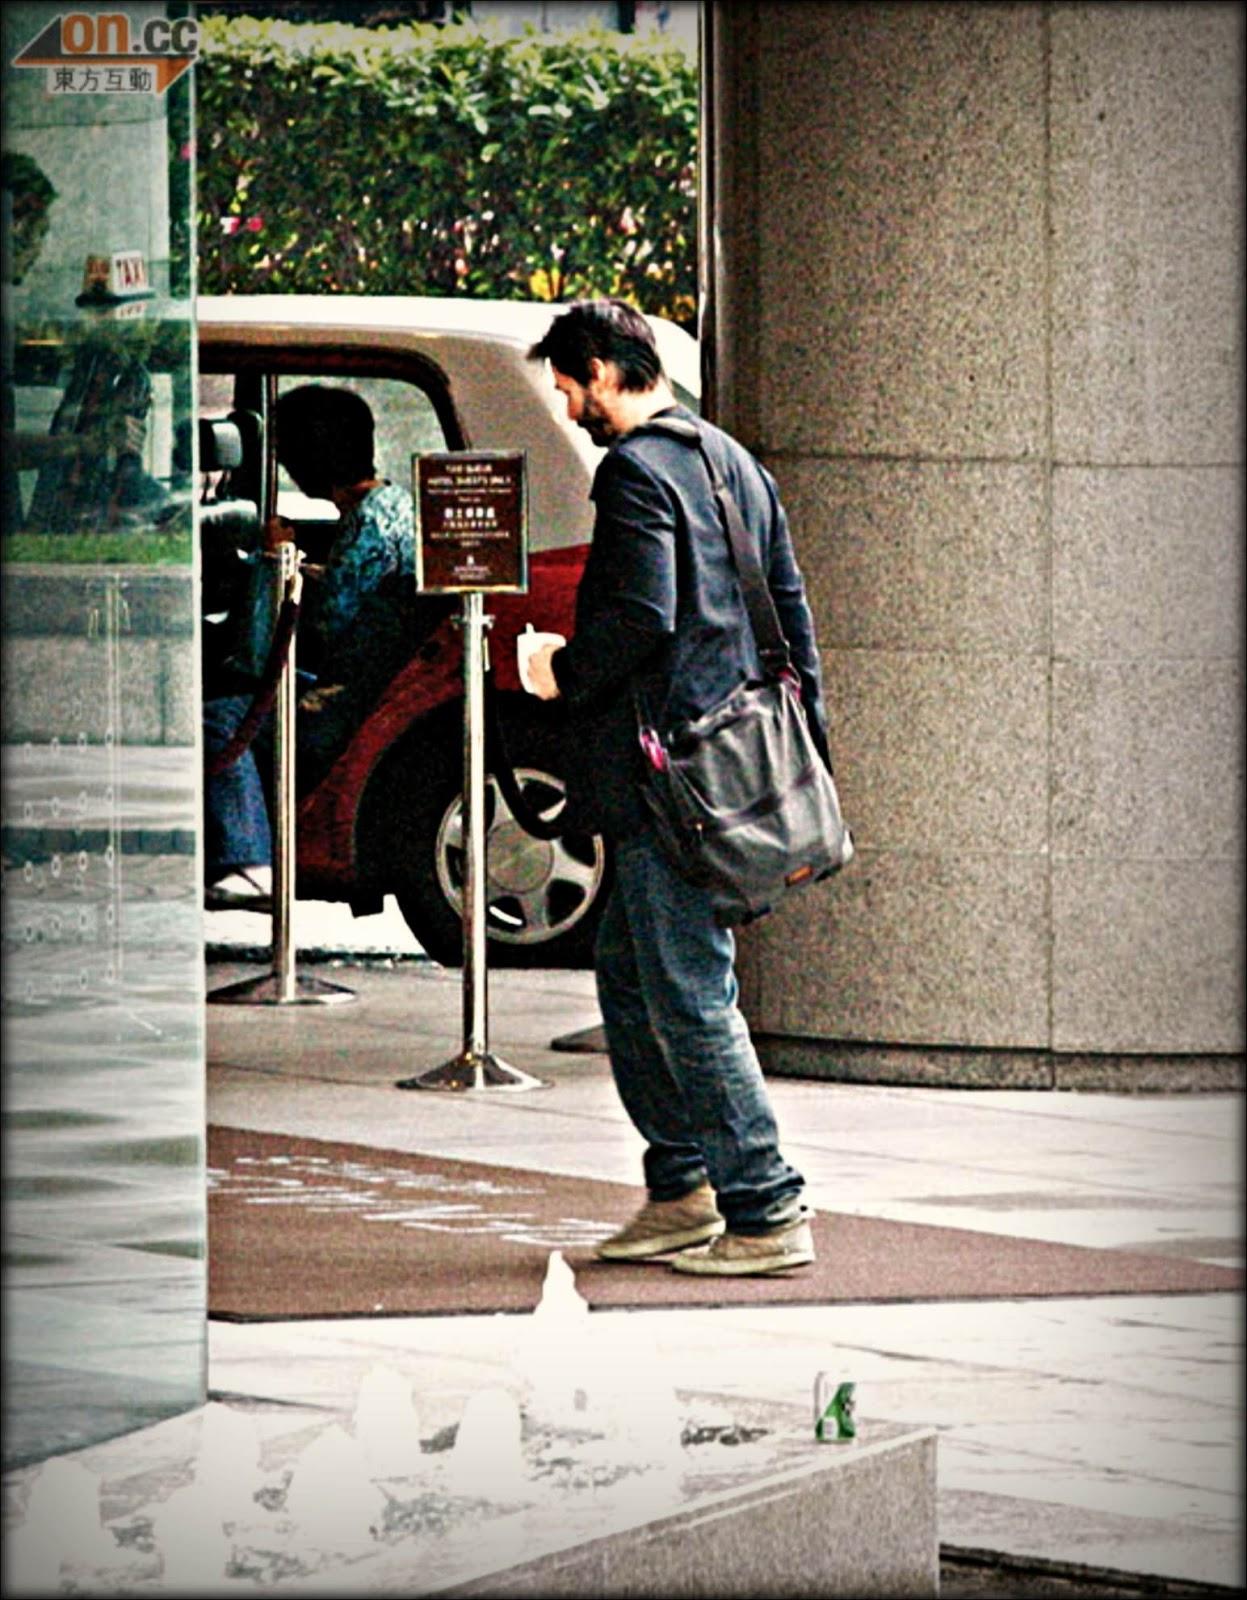 http://1.bp.blogspot.com/-MiAS-RzjbIQ/Tsi6uokKaXI/AAAAAAAAAhQ/_8TmN_tgiqo/s1600/keanu+20-11-2011+Hongkon+China1120-00470-010b4%2528PRM%2529.jpg